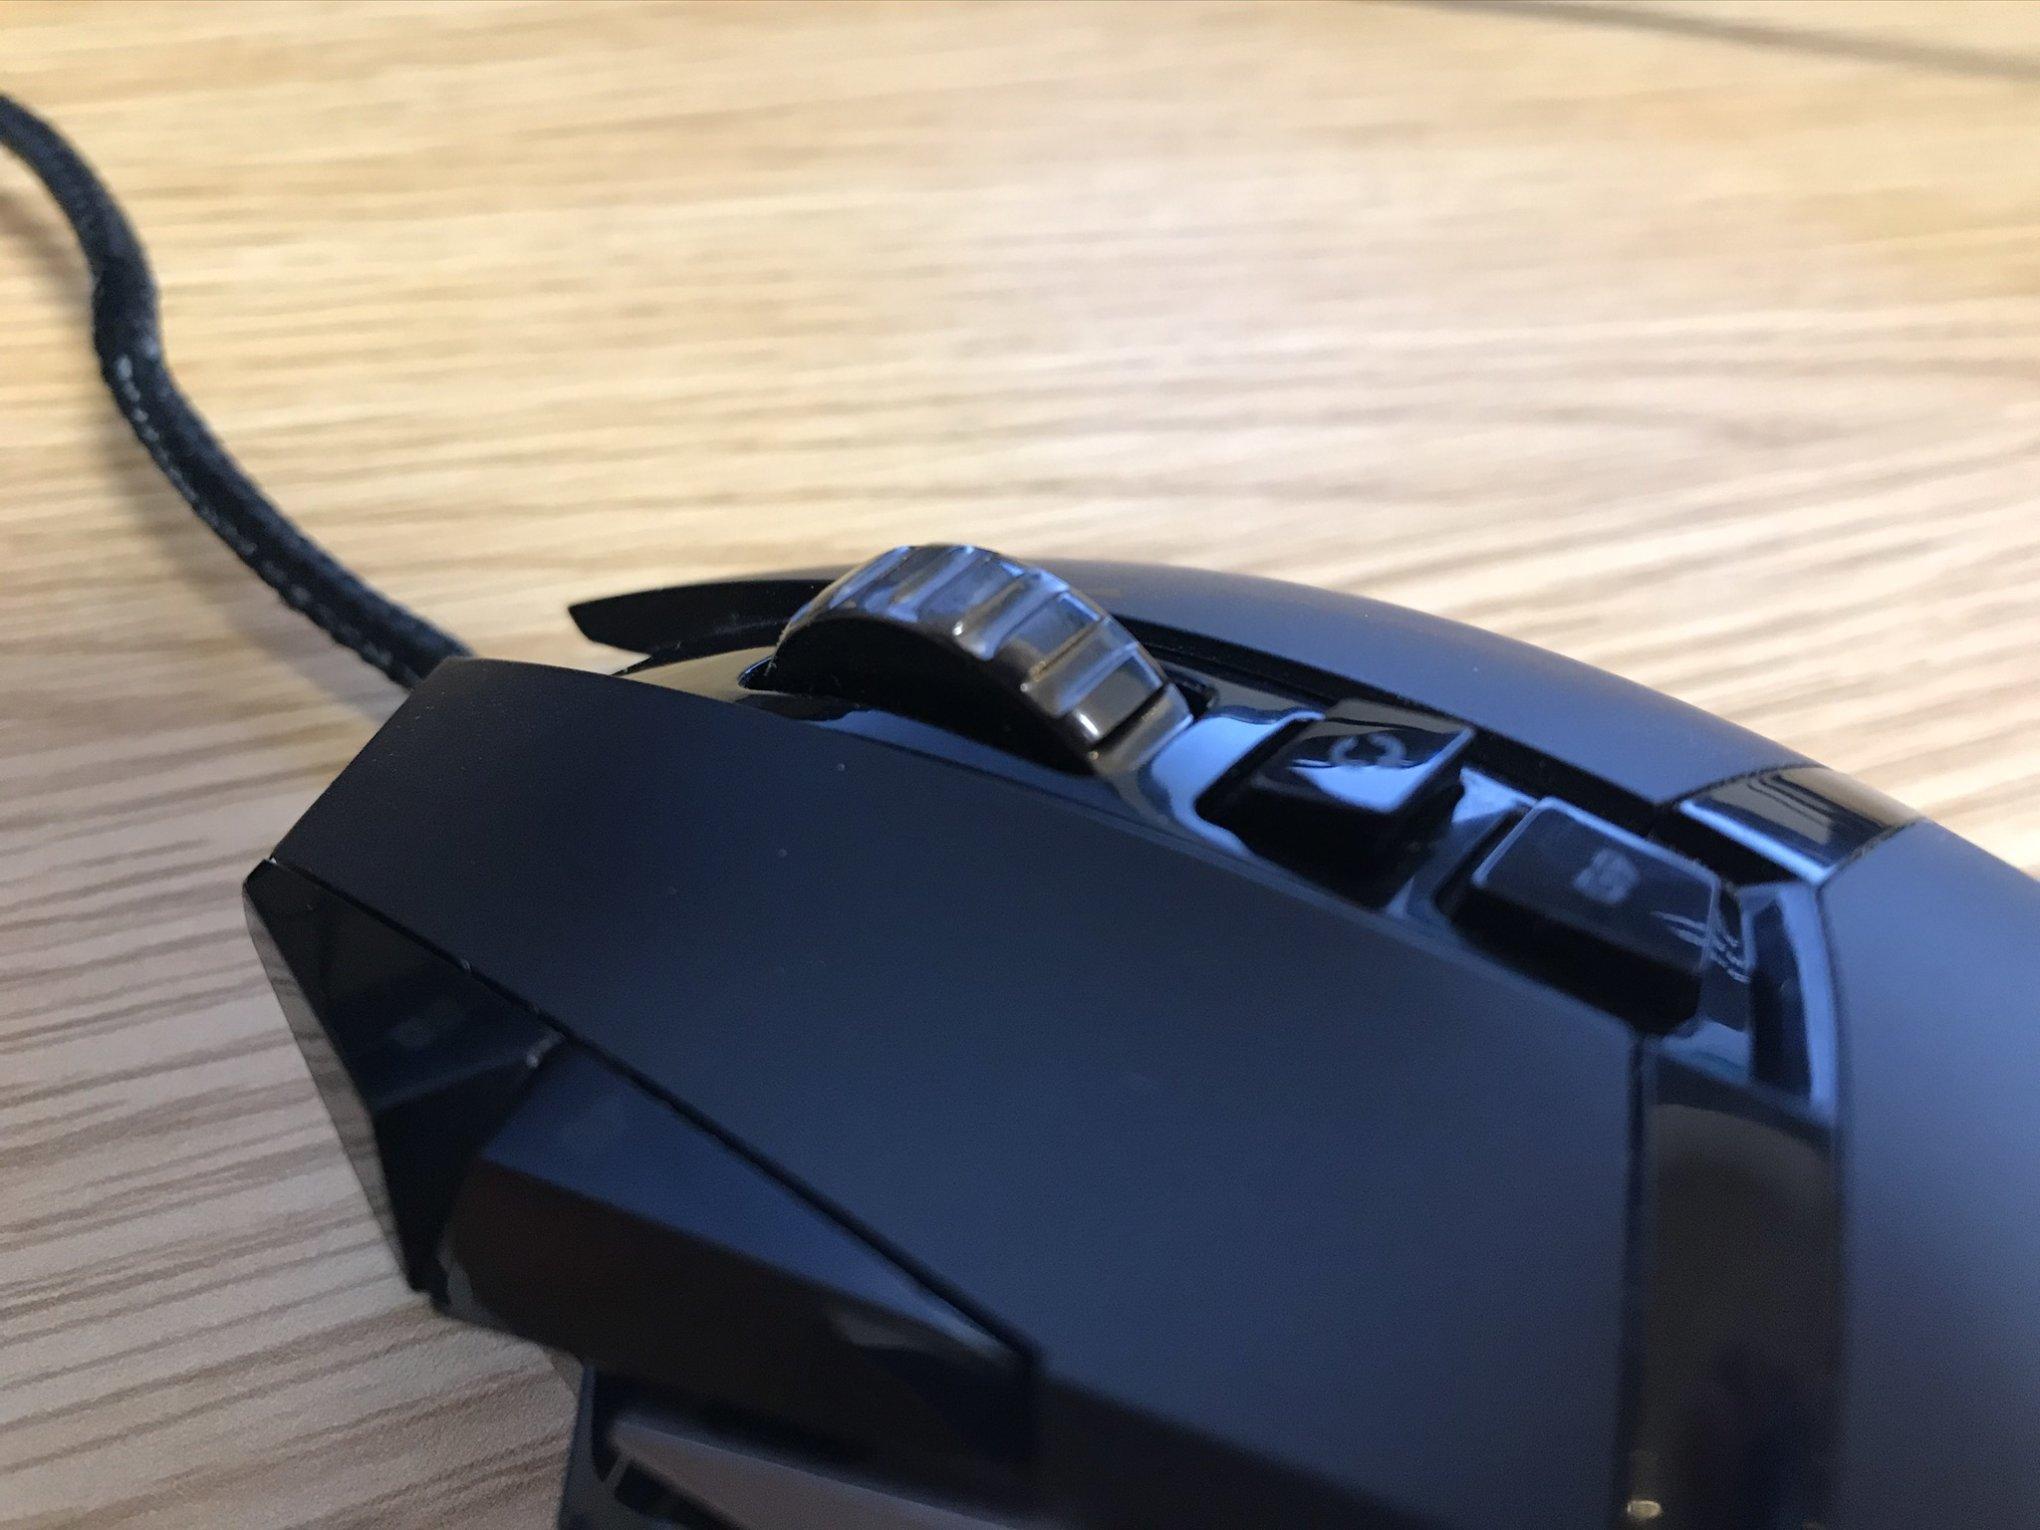 ロジクールG502のマウスホイール